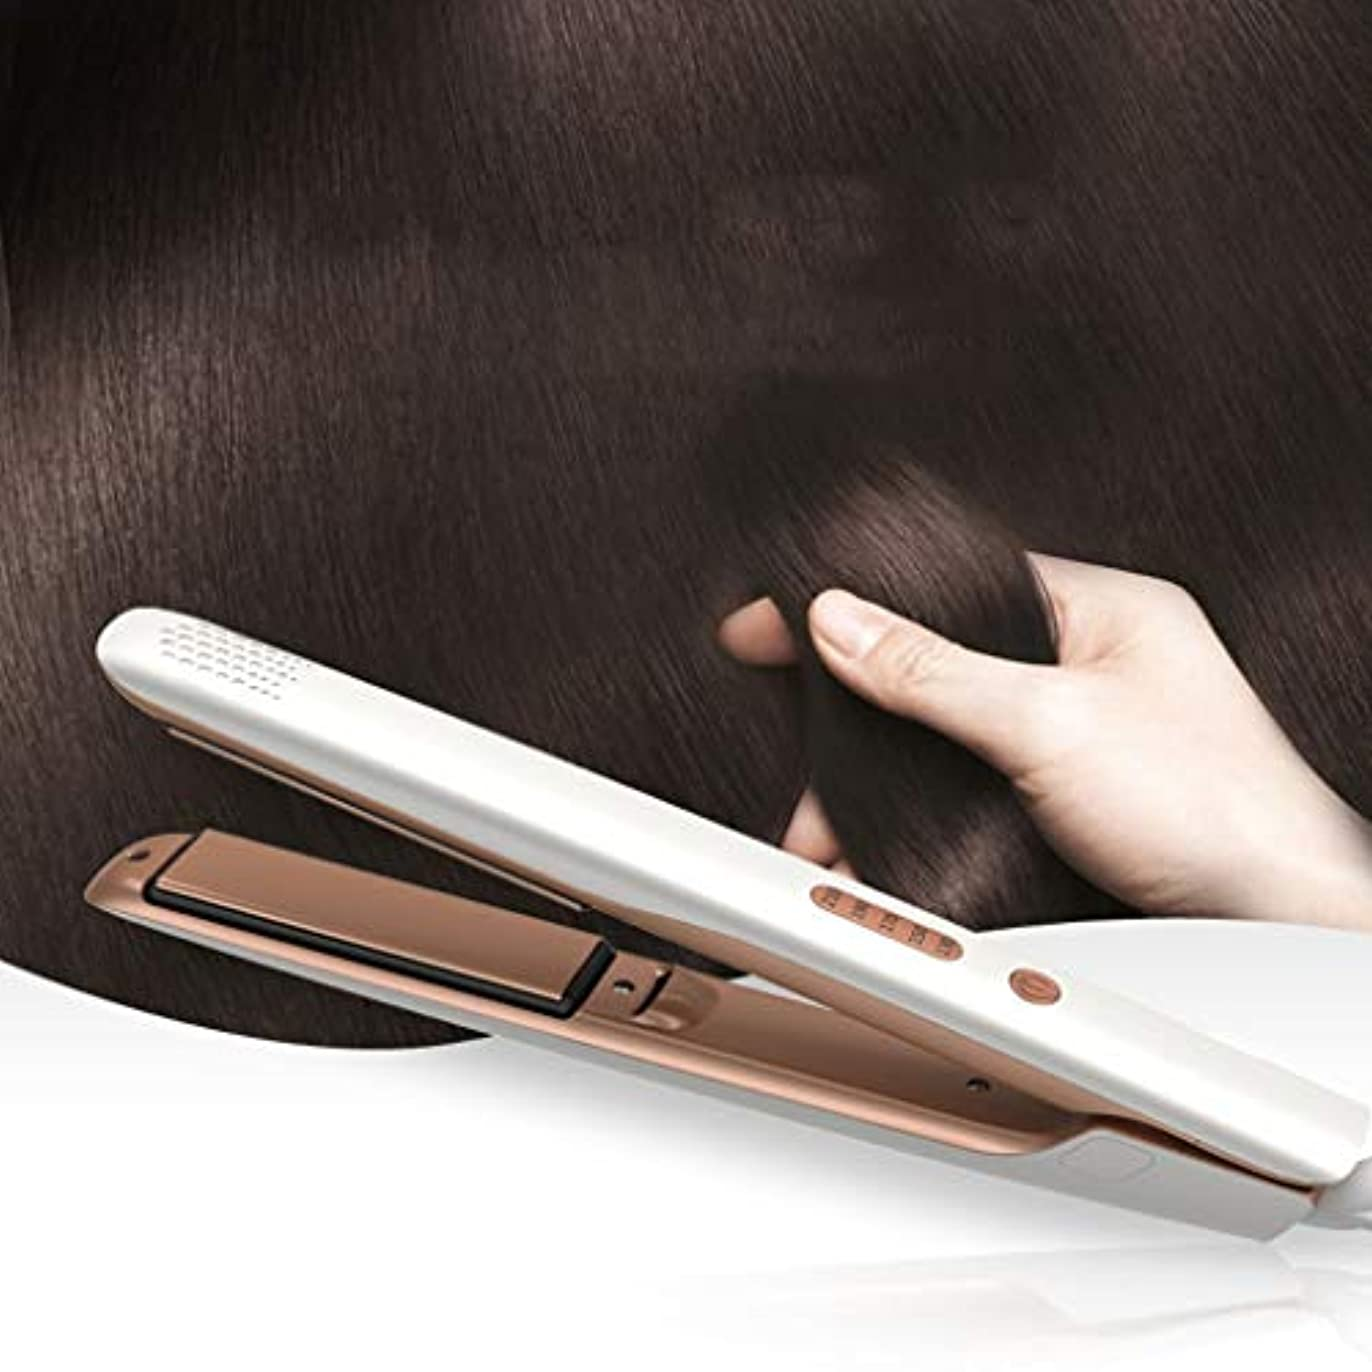 。騒ぎ取るに足らないJWWOZ 5速温度制御セラミックストレートヘアアイロンマイナスイオン修理髪質高速ヘアスタイリングデバイス ストレートヘアアイロン